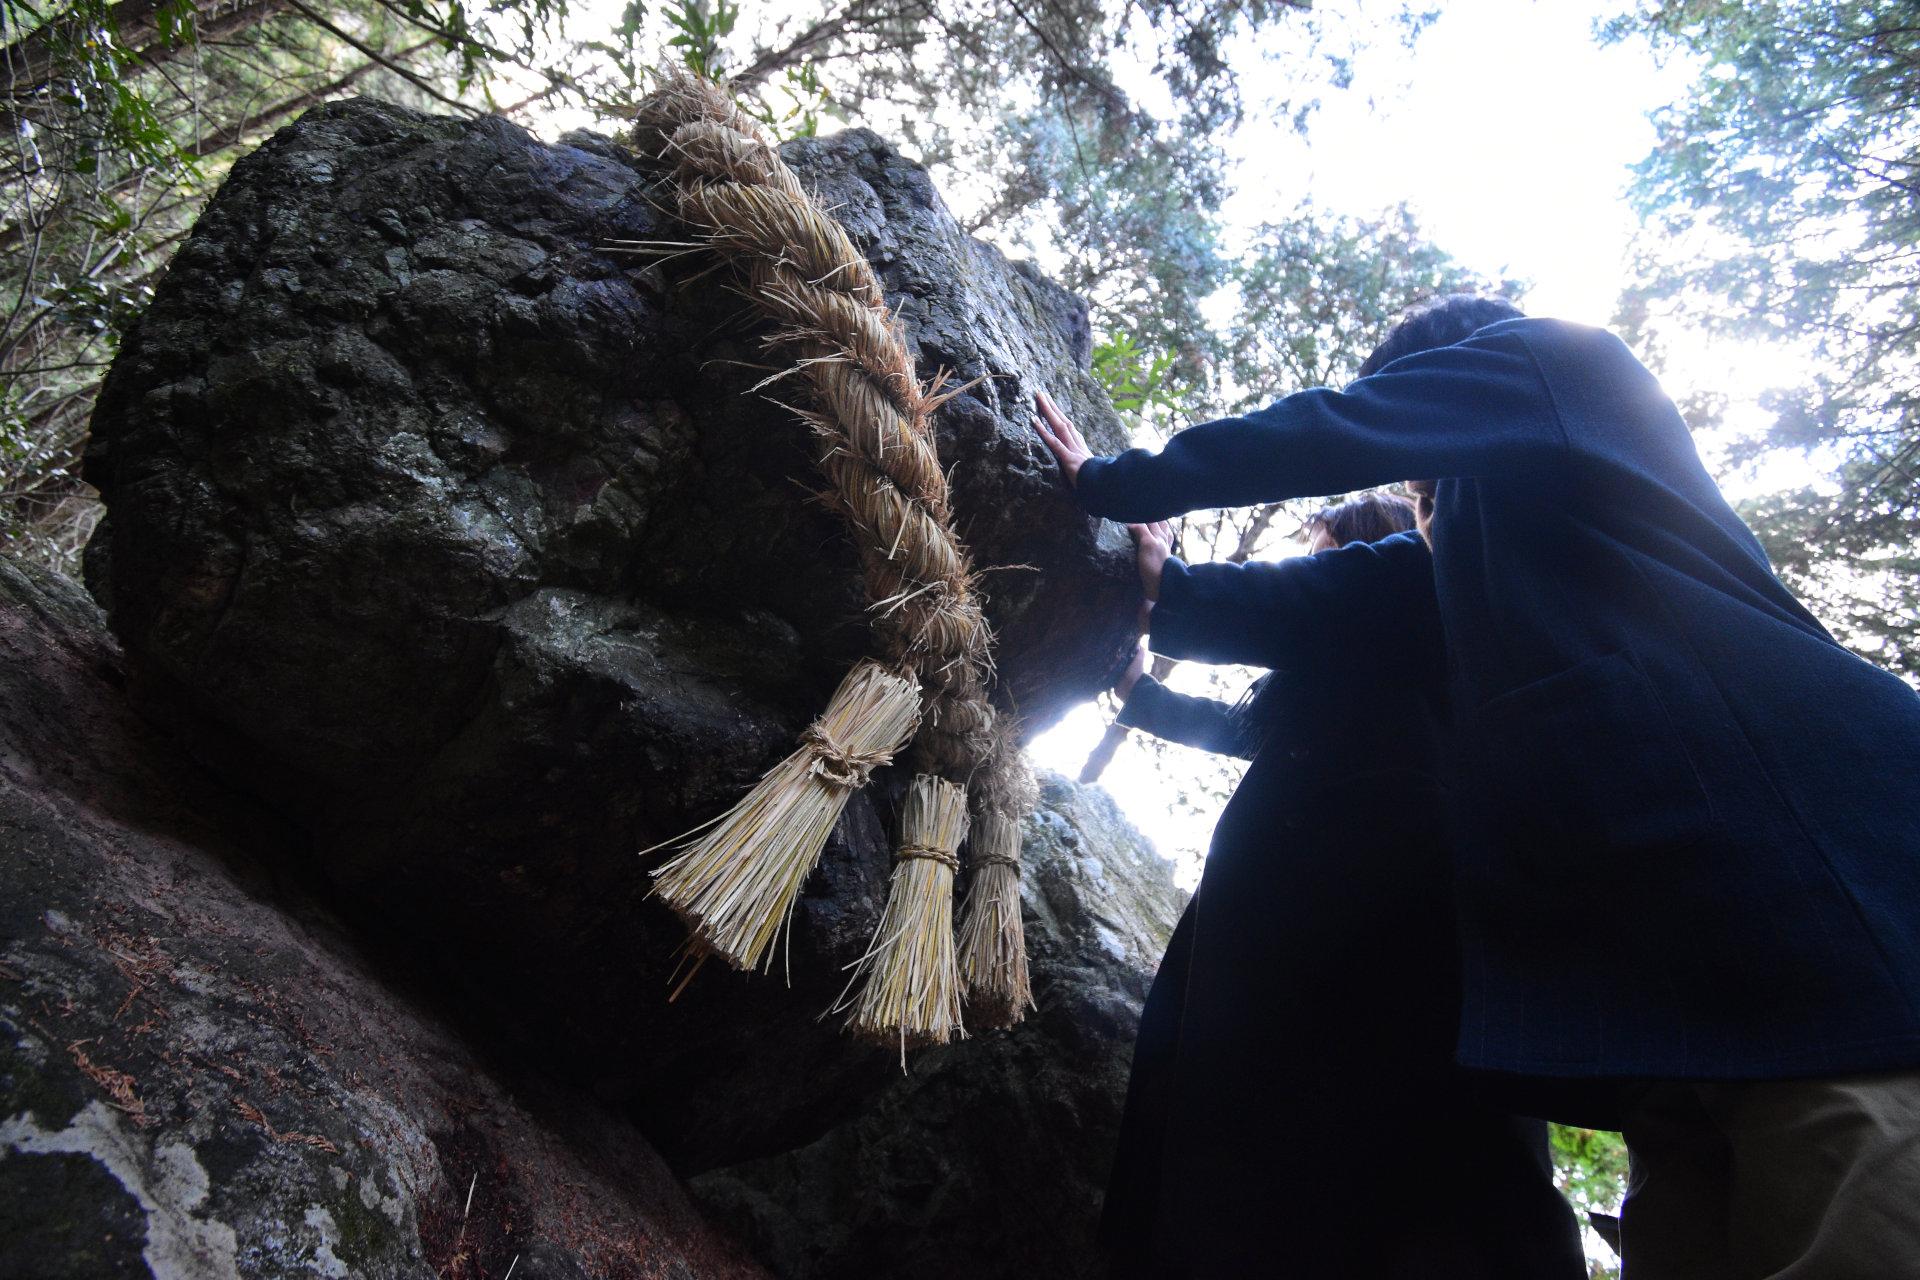 高知の秘境穴場パワースポット!絶対落とせない不思議な岩「ゴトゴト岩」